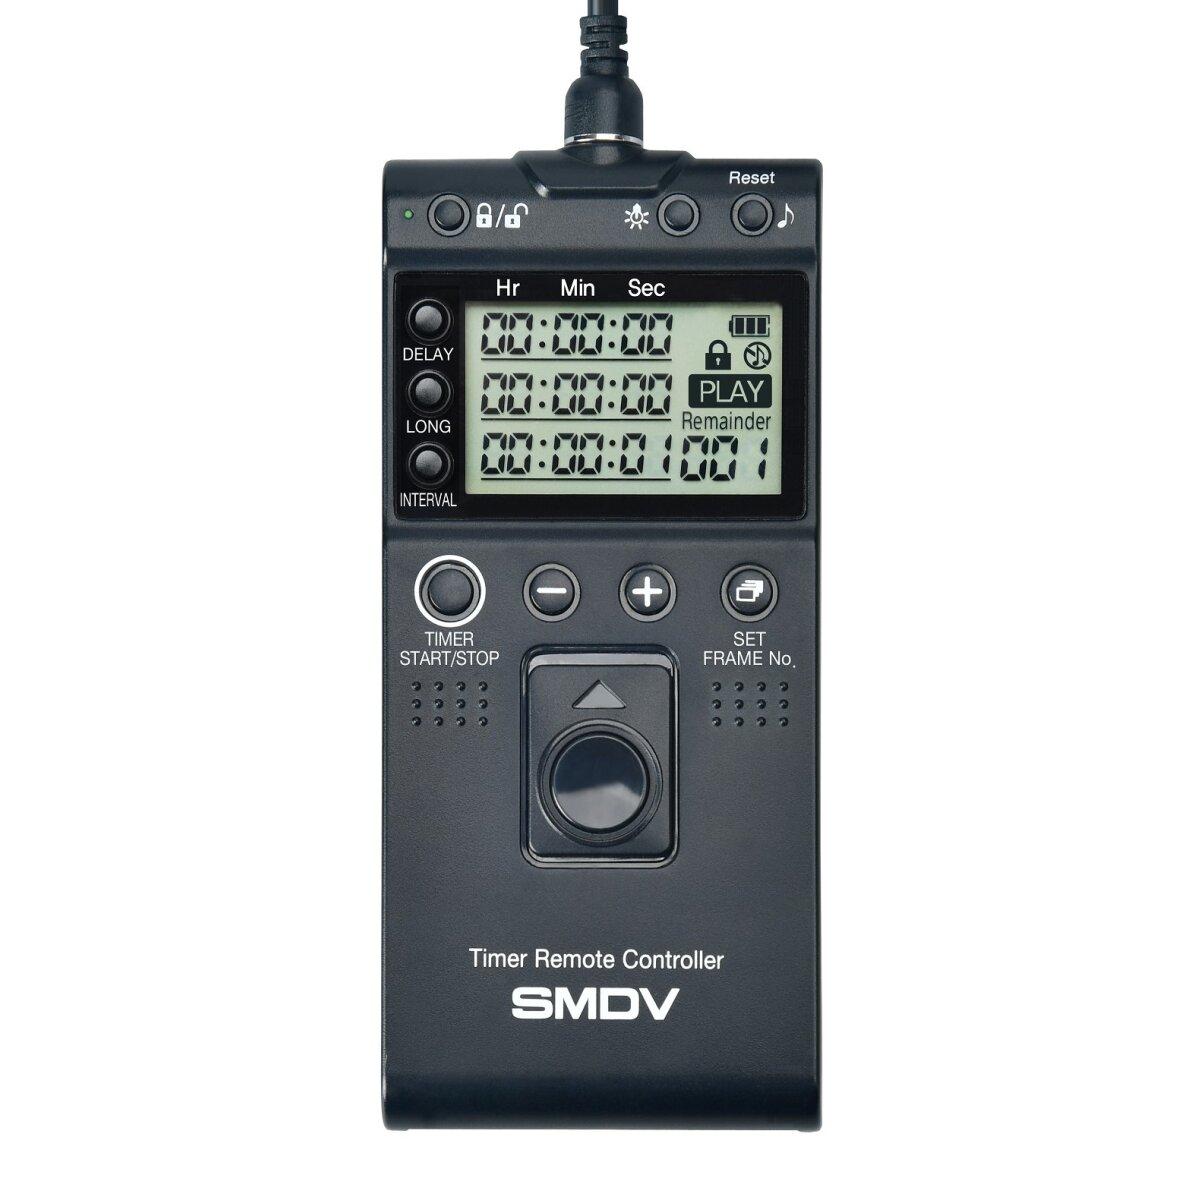 Impulsfoto SMDV Fernauslöser, Kompatibel mit Canon Kameras, Kabelauslöser mit Timer- und Intervallfunktion Langzeitbelichtung - T811